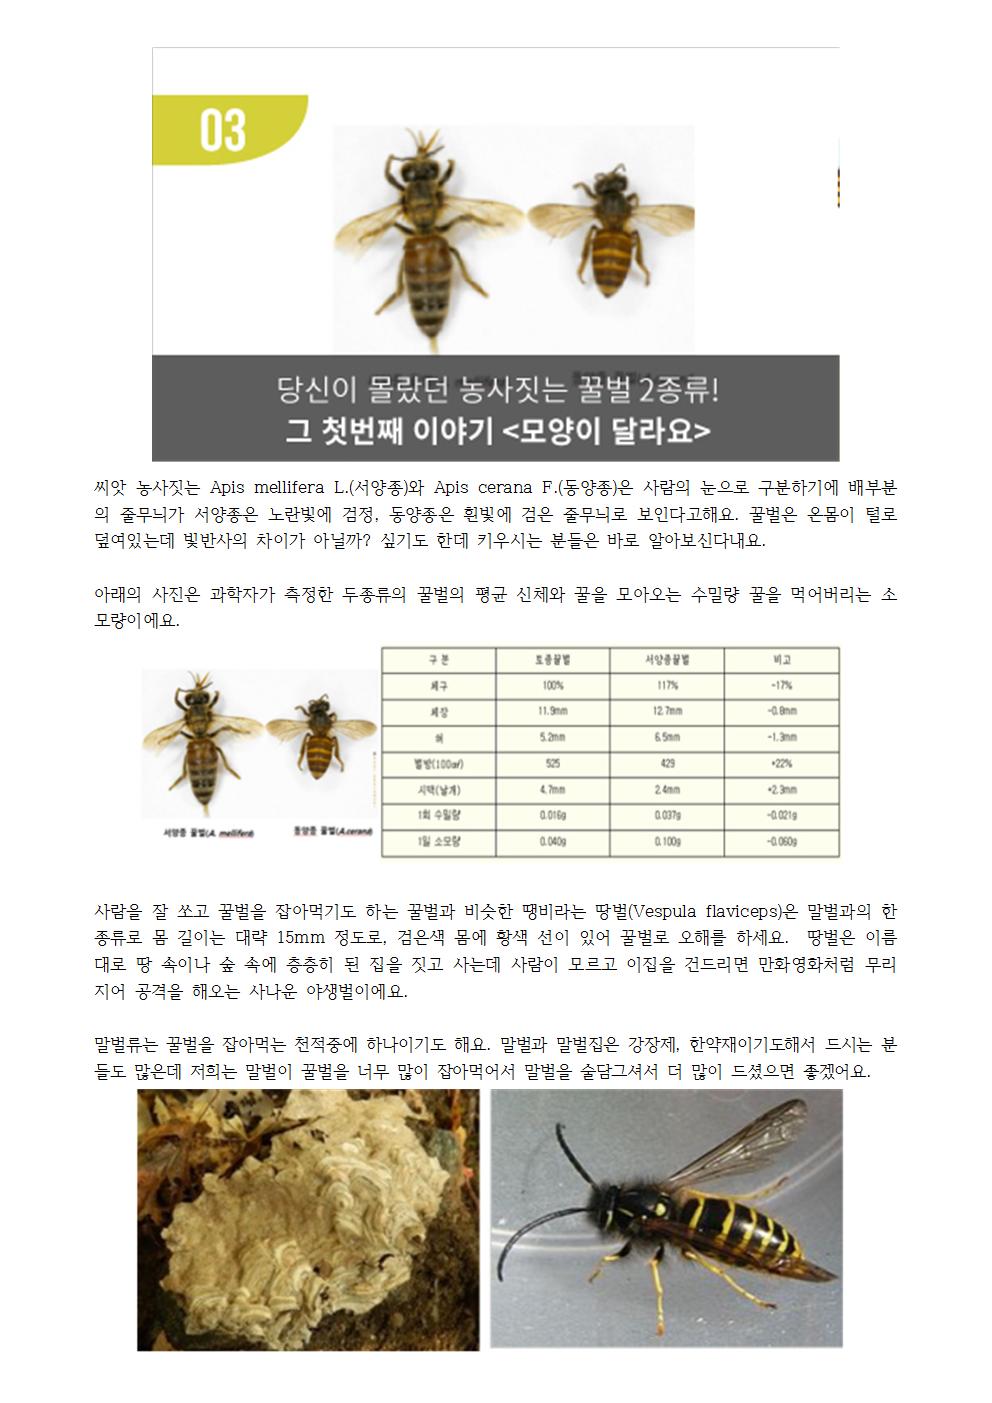 [꿀벌레터] 농사짓는 꿀벌 두 종류- 첫 번째 이야기.png